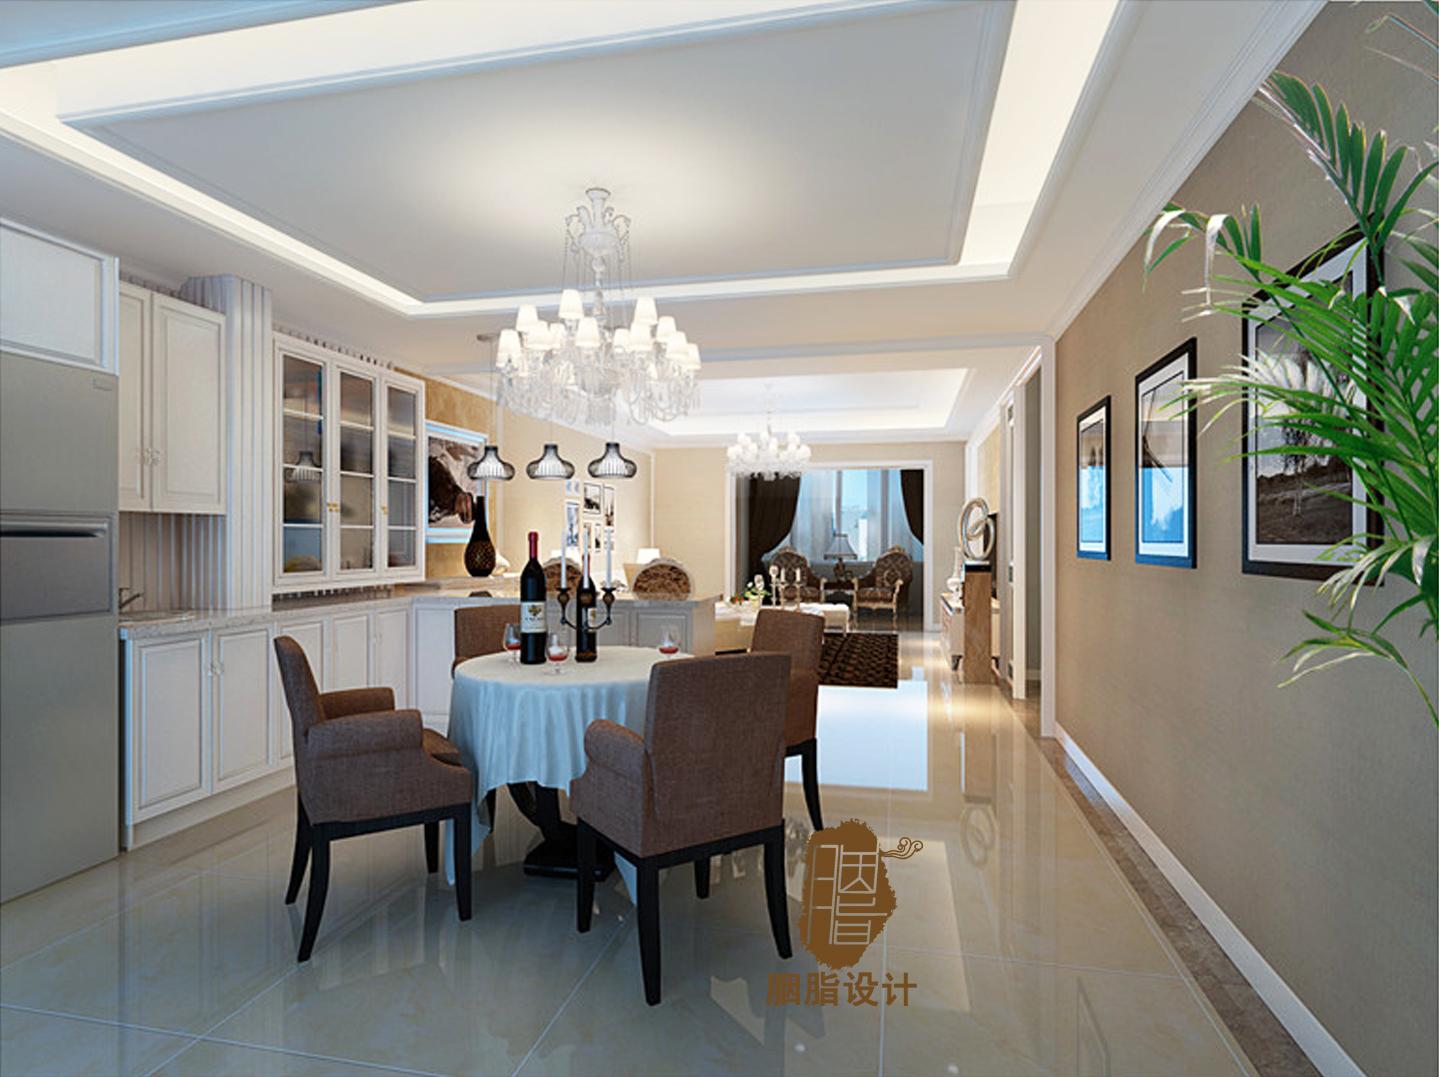 胭脂设计 重庆案例 龙湖原著 别墅 欧式 餐厅图片来自设计师胭脂在重庆龙湖原著别墅的分享